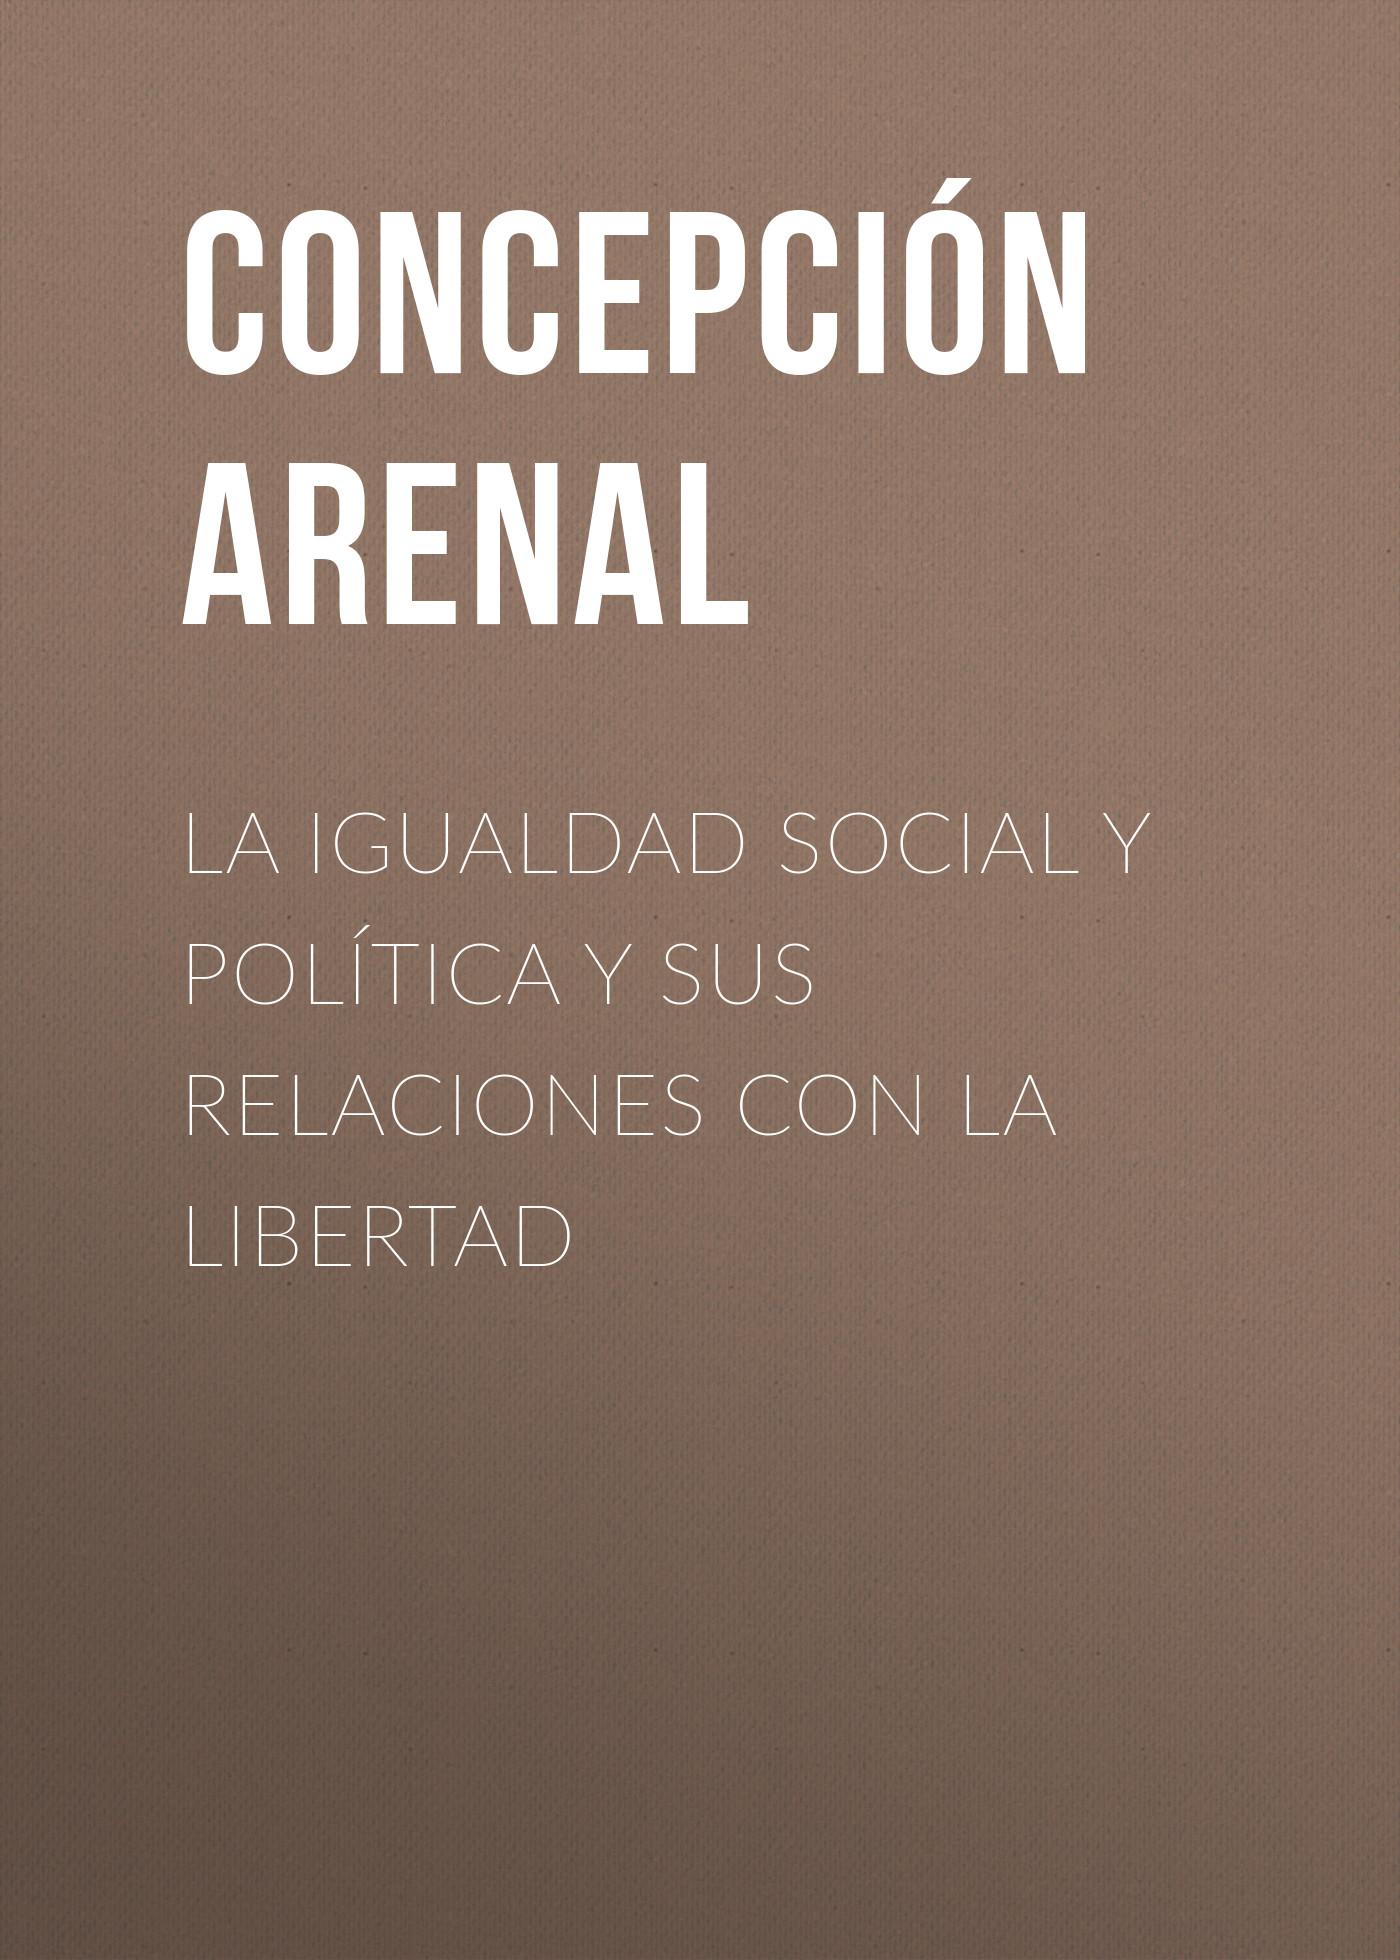 Arenal Concepción La Igualdad Social y Política y sus Relaciones con la Libertad nati con la camicia аксессуар для техники